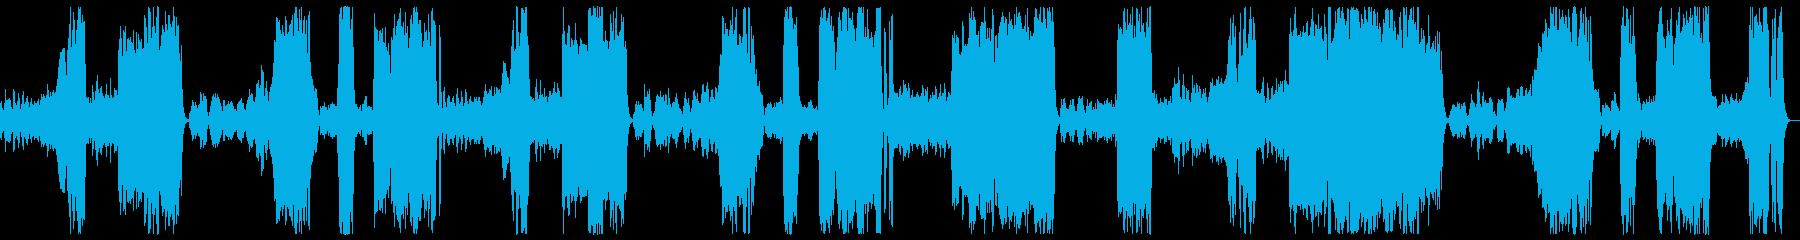 交響曲第40番 ト短調 第1楽章 初稿の再生済みの波形